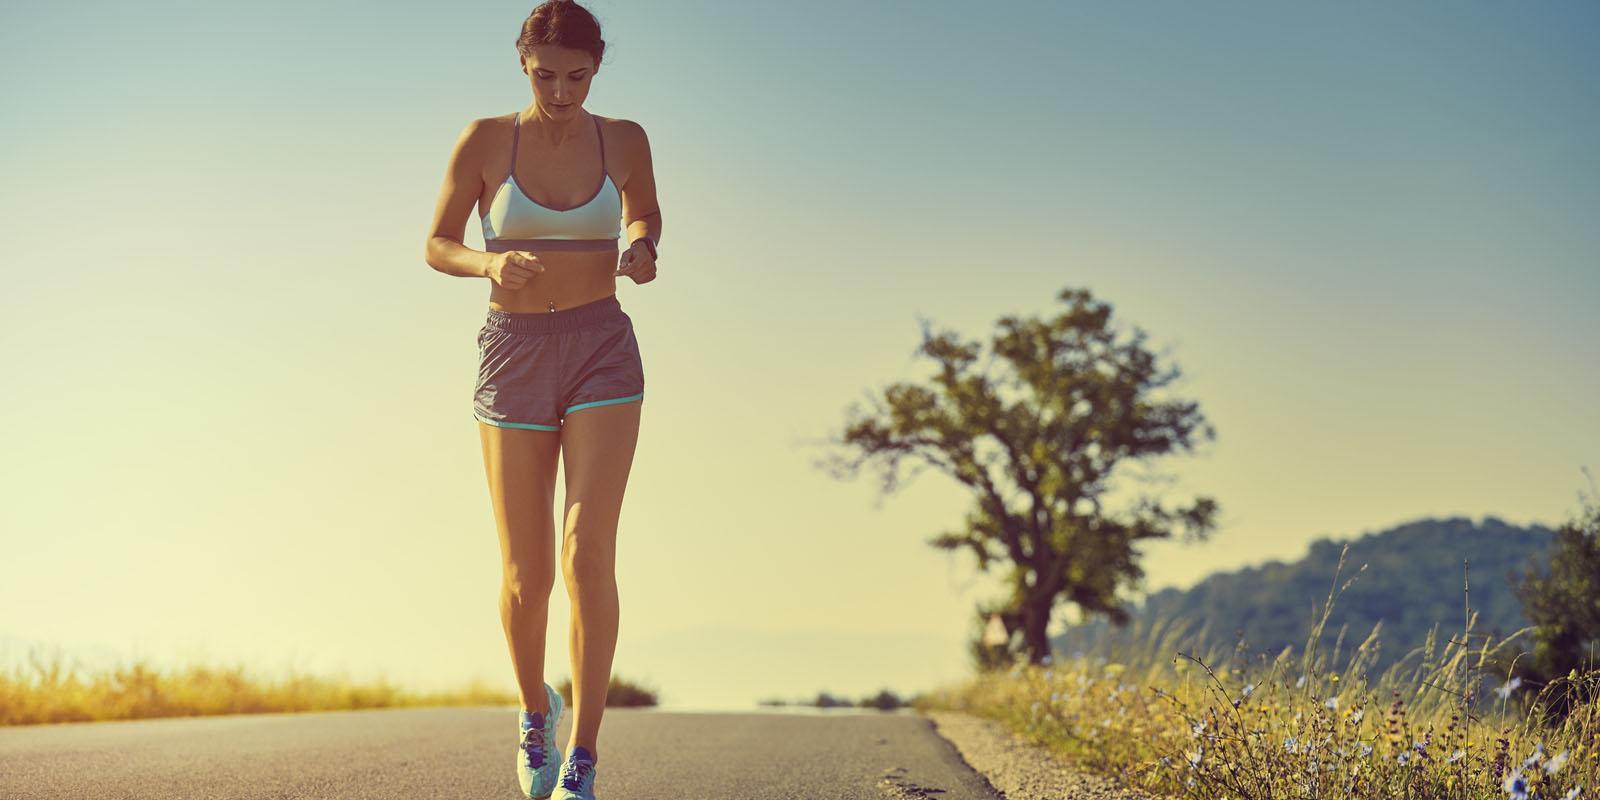 Fazer caminhada ajuda a diminuir a gordura localizada nas pernas. Será?